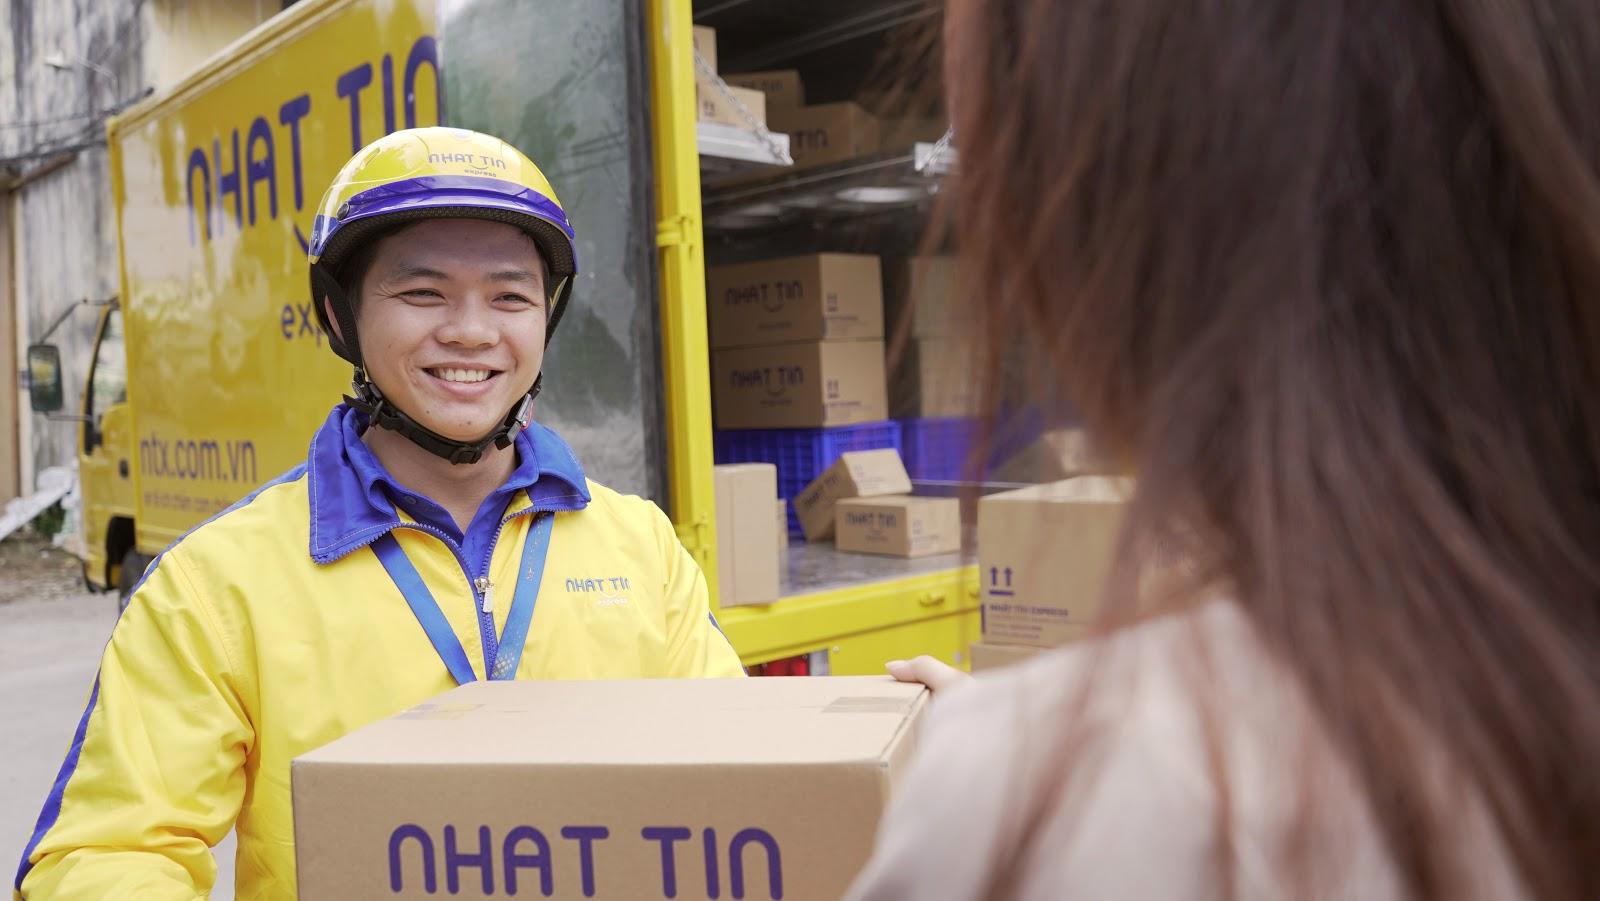 Yên tâm với các chính sách hỗ trợ của đơn vị giao hàng uy tín